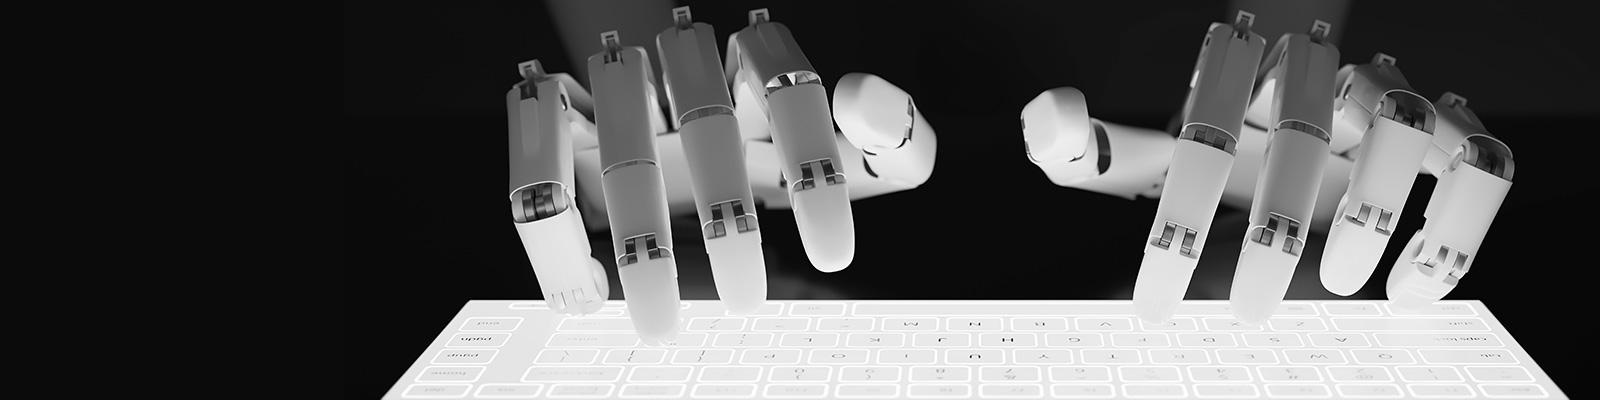 AI キーボード ロボット イメージ